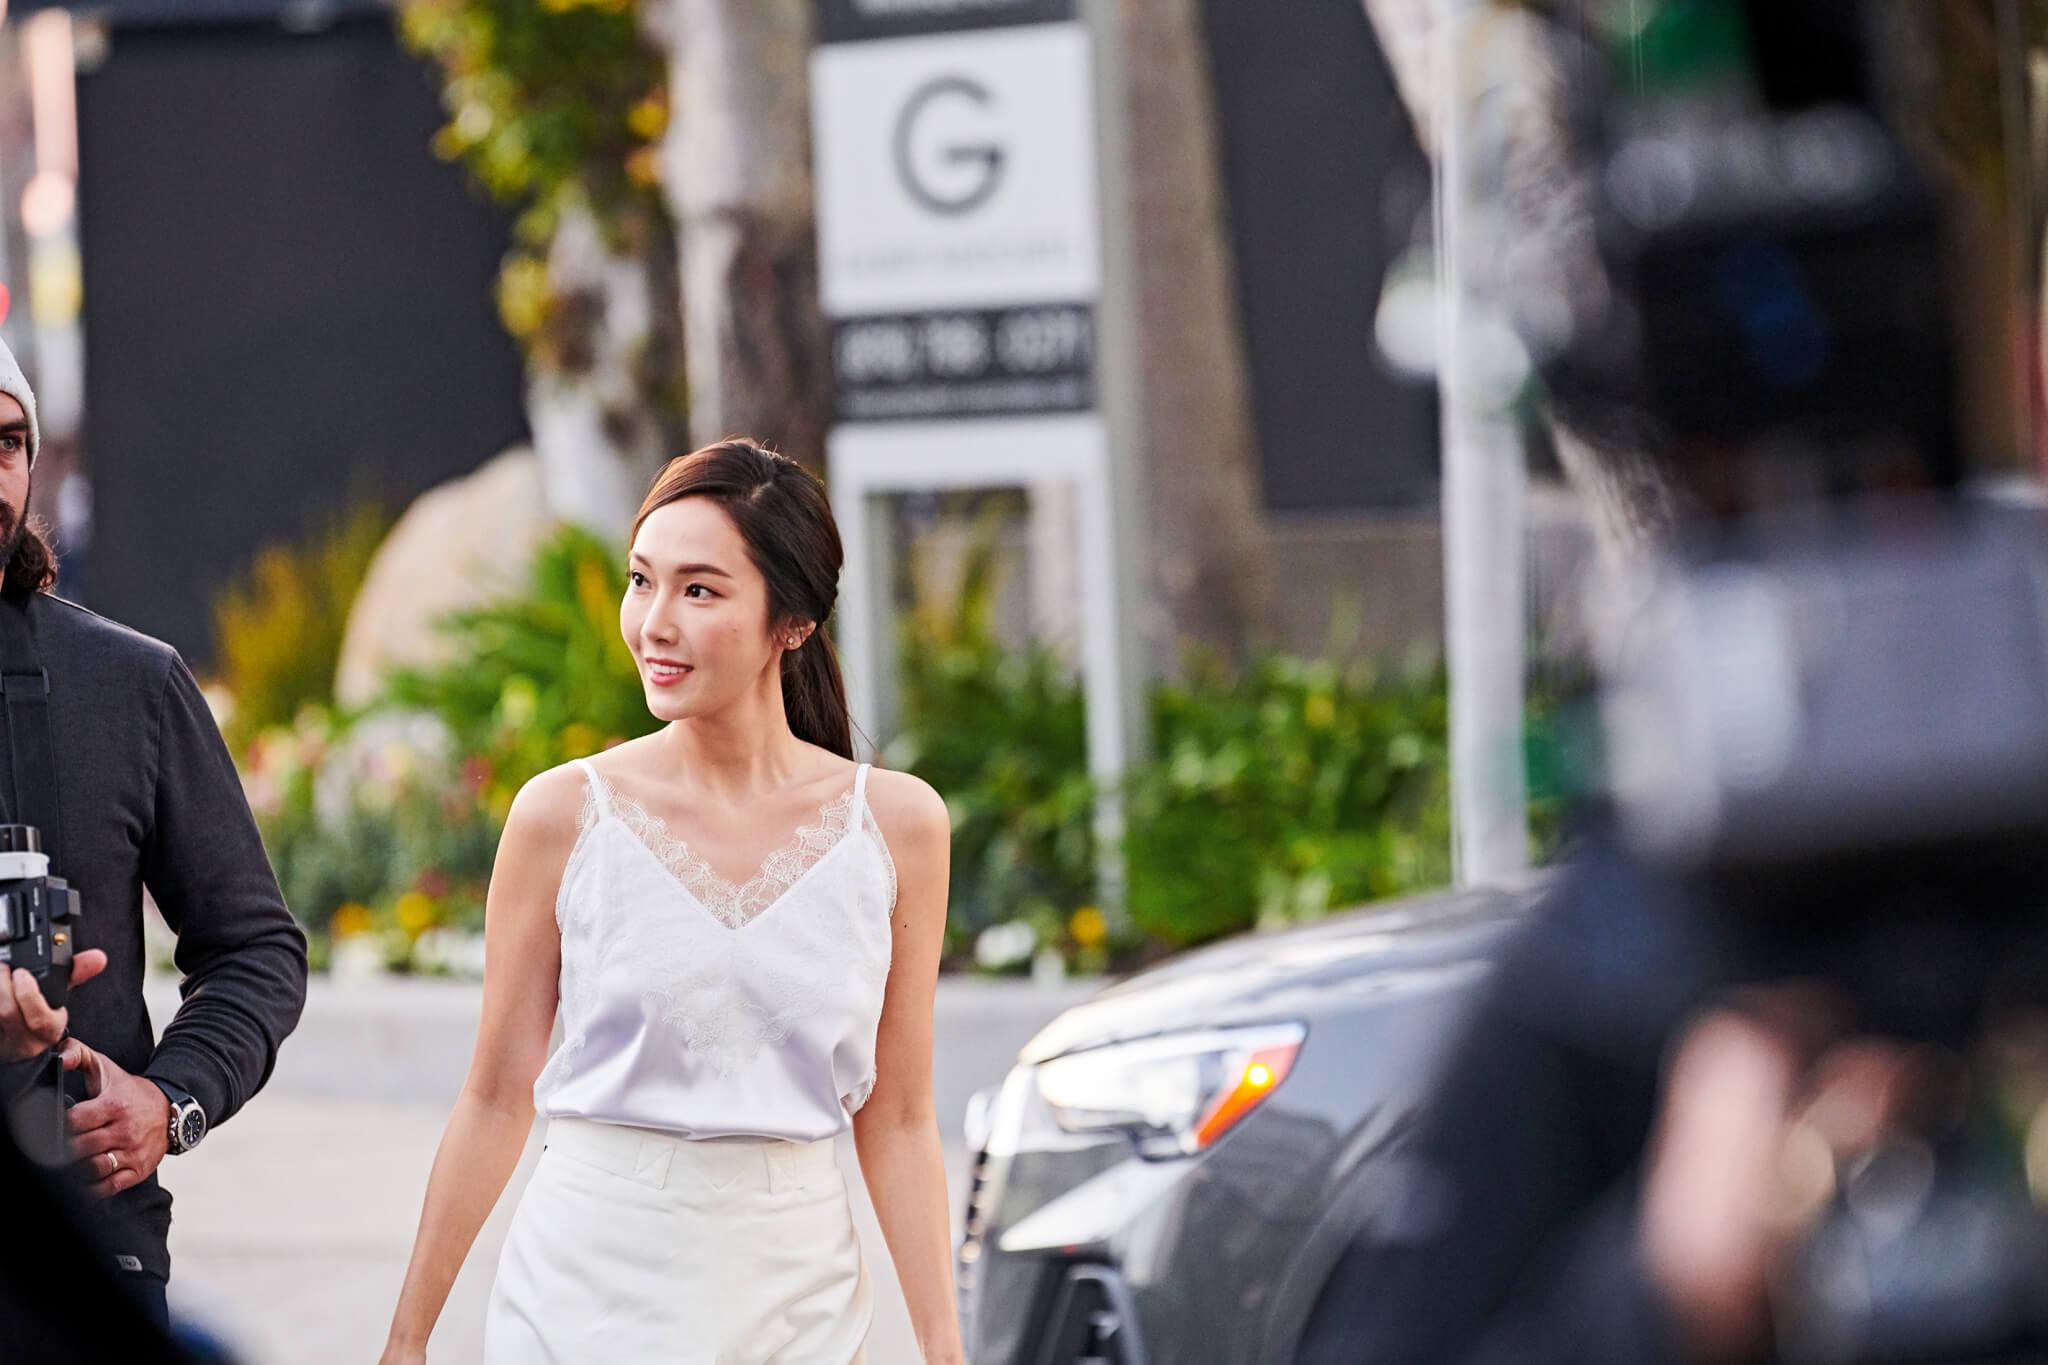 集韓國流行歌手、女演員及時裝設計師於一身的Jessica將出席REVLON一系列亞洲區宣傳活動。